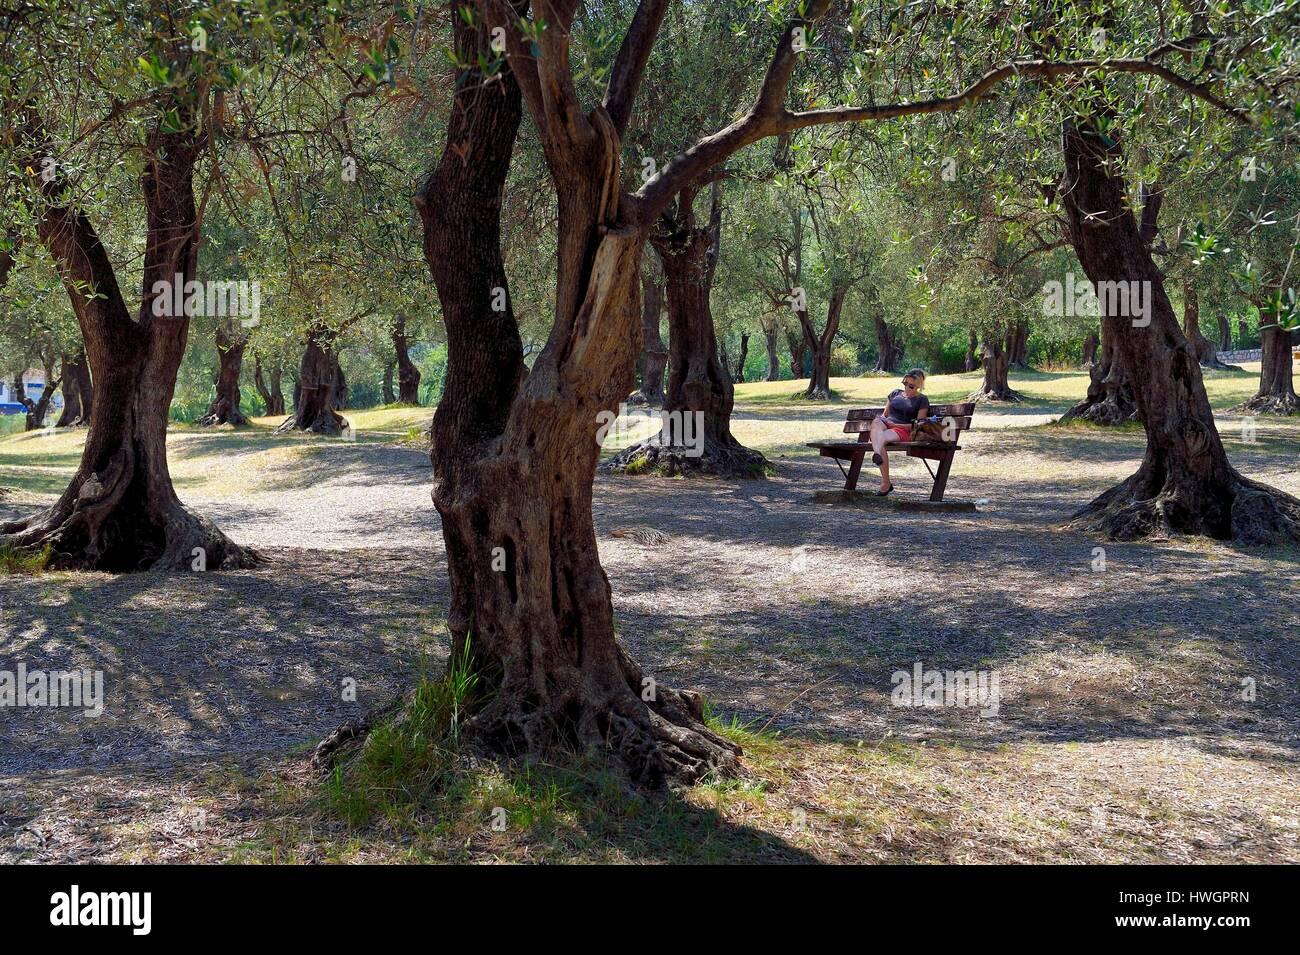 Francia, Alpes Maritimes, Menton, Pian park, tres hectáreas de olivares que alberga más de 530 olivos Foto de stock